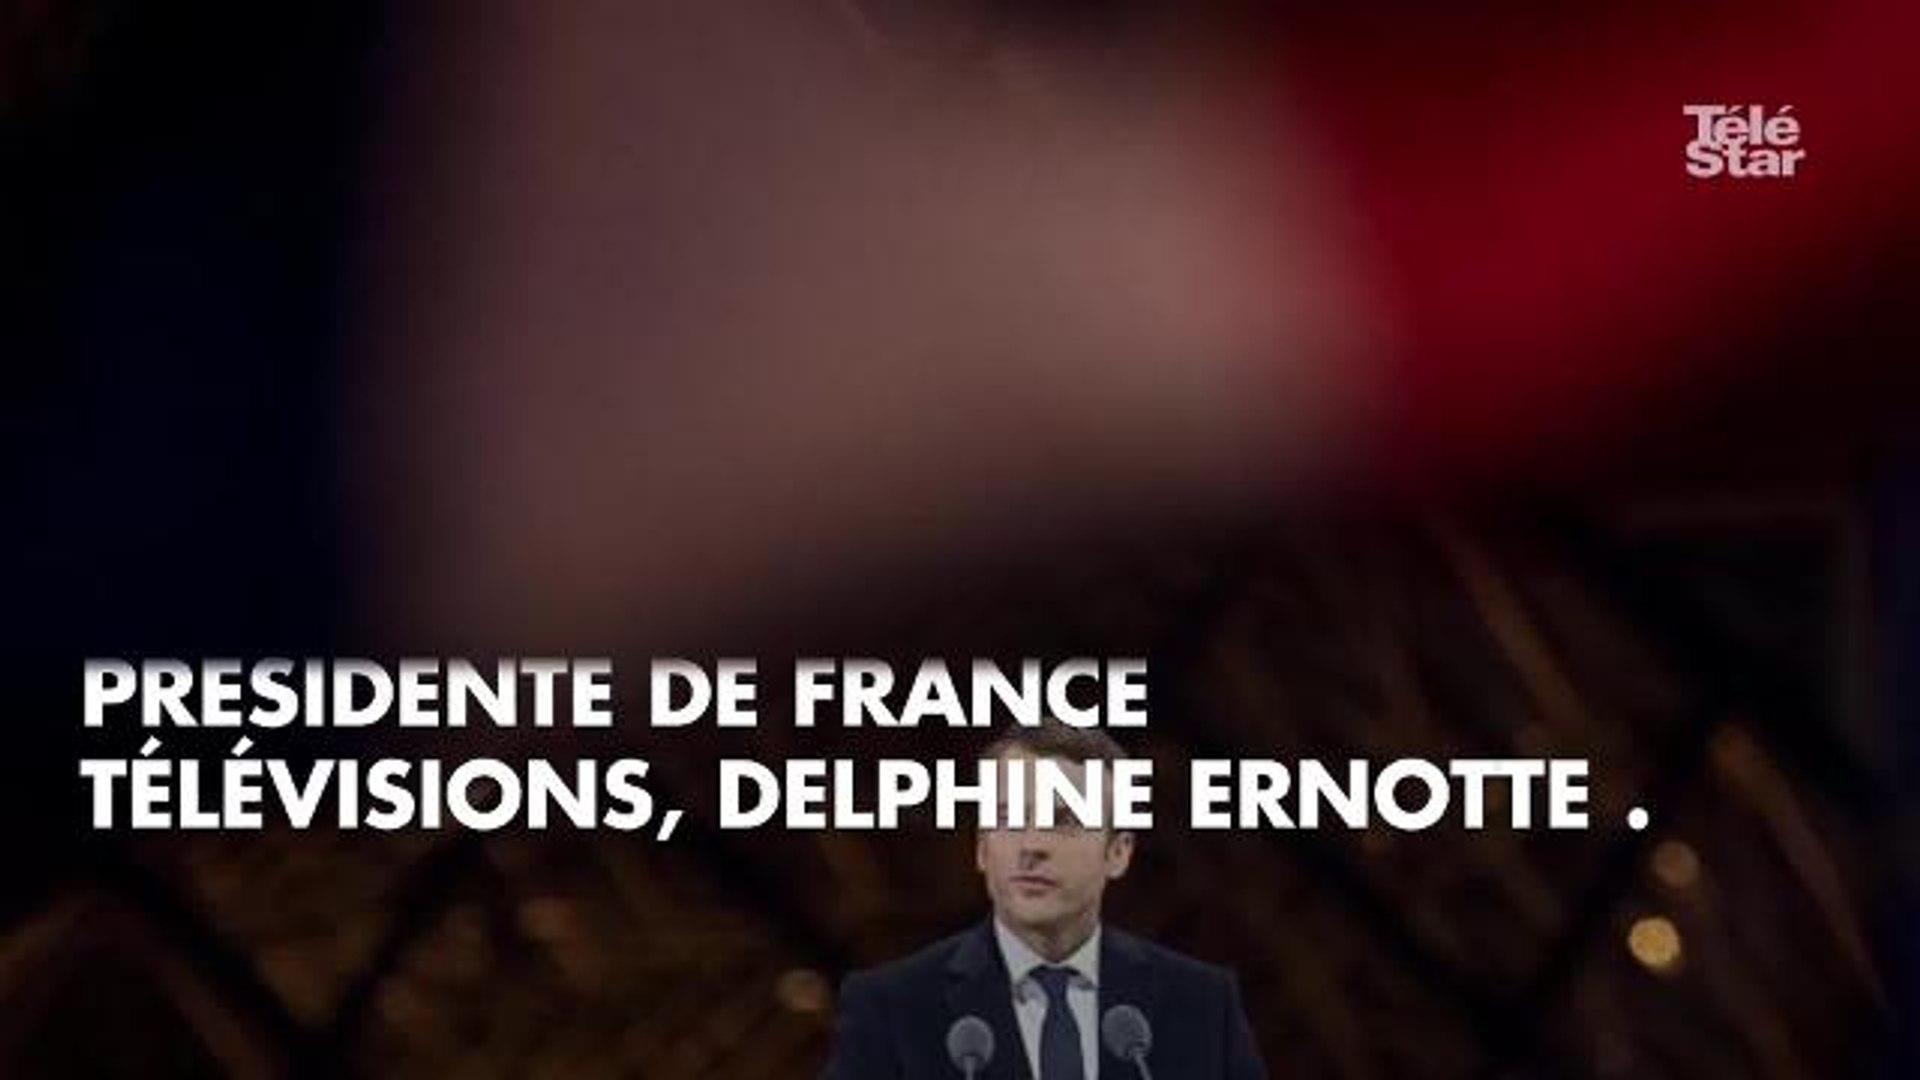 Quand le Front national invente de toutes pièces un journaliste de France Télévisions pour une fake